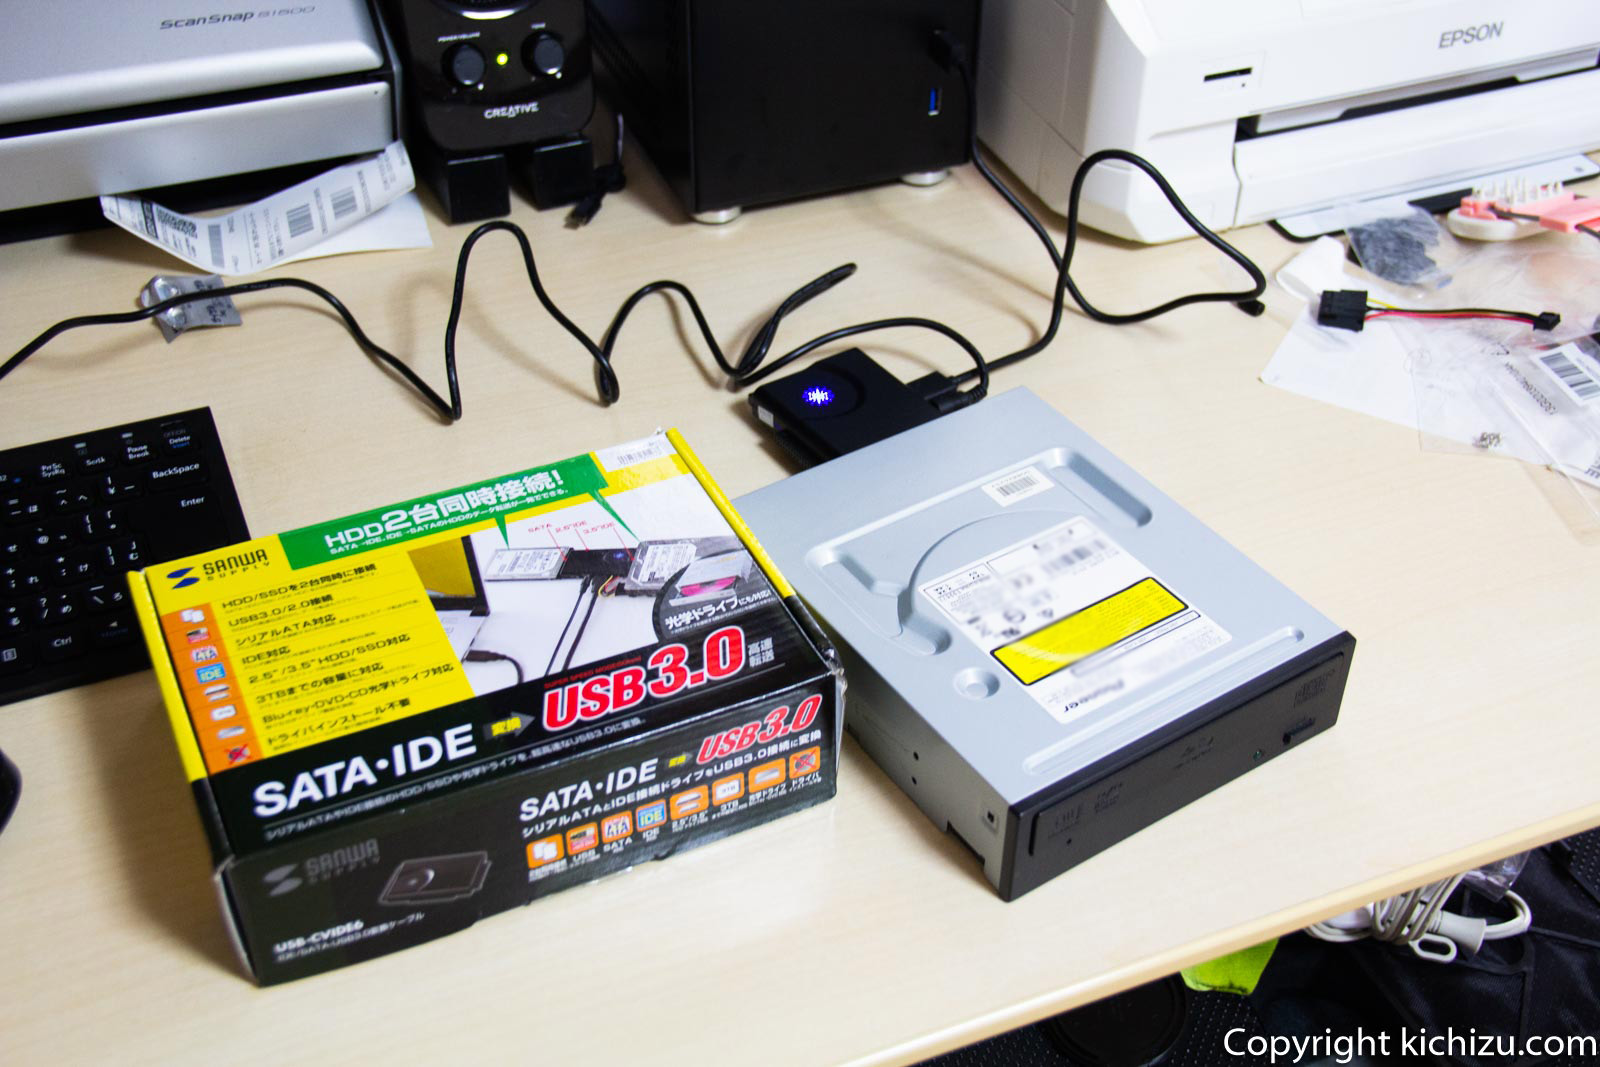 USB 変換コネクタ2パイオニア ブルーレイドライブ